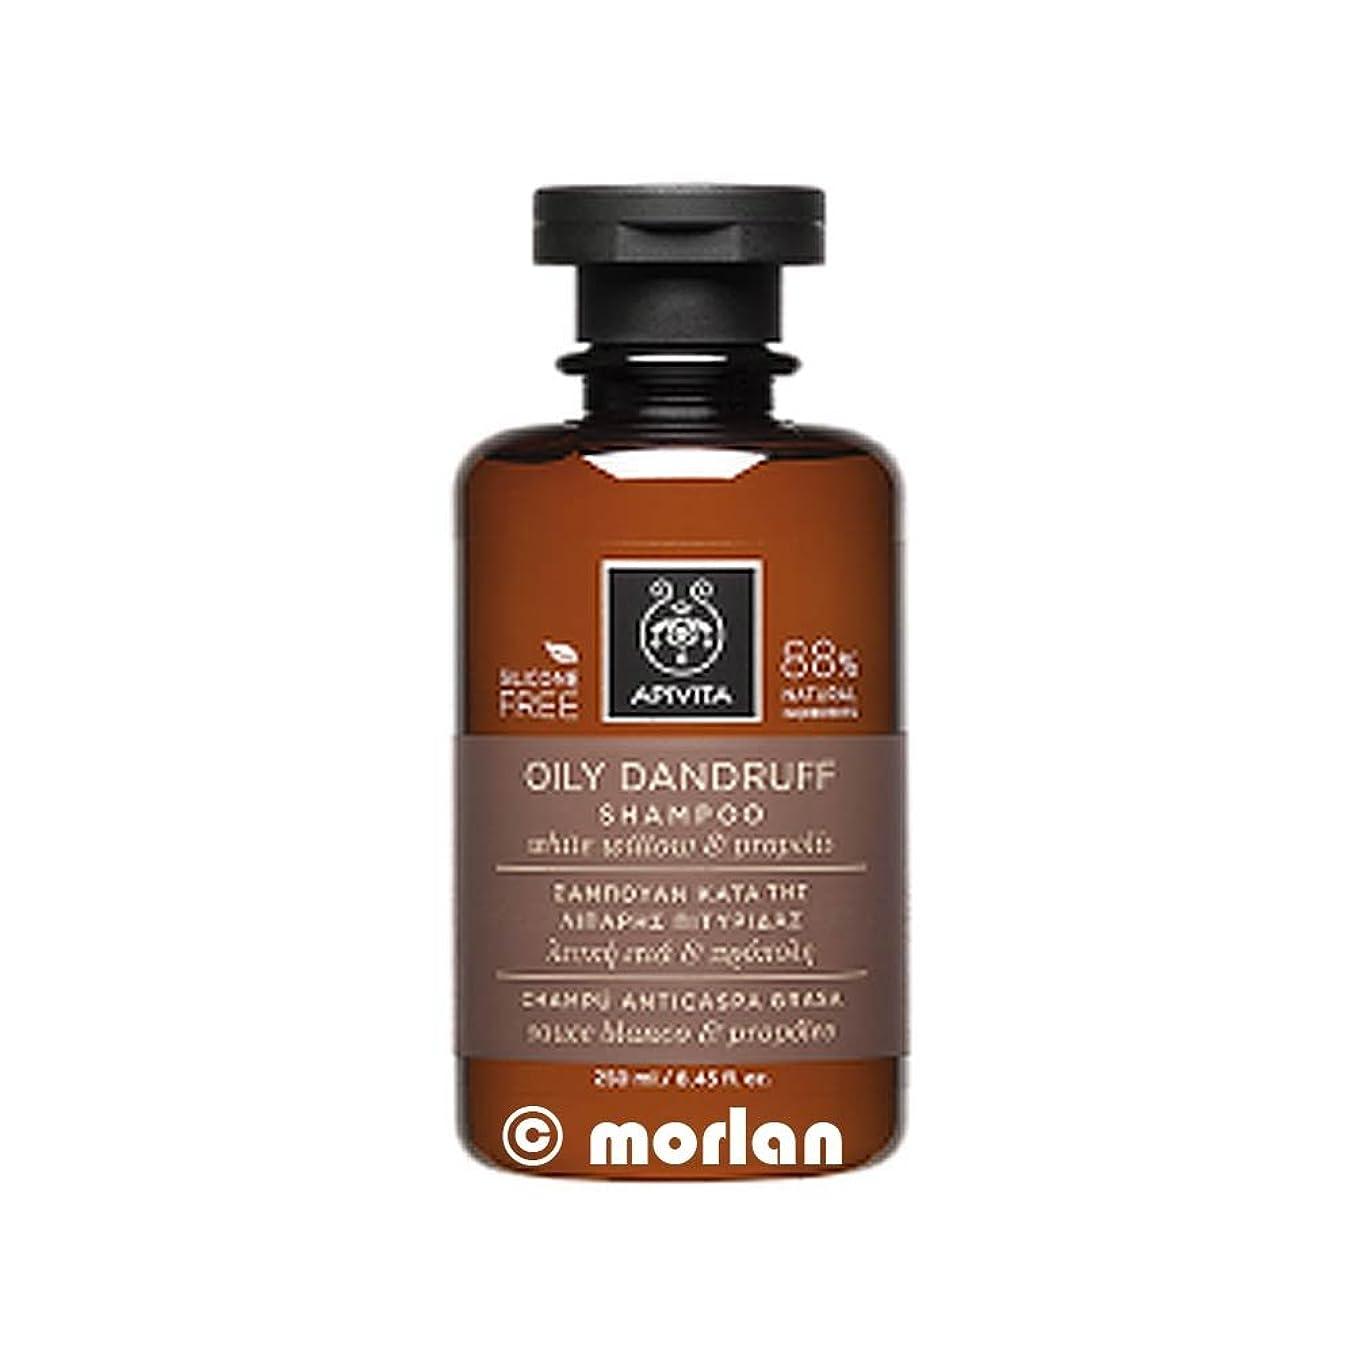 サーバカウントアップ高尚なアピヴィータ Oily Dandruff Shampoo with White Willow & Propolis (For Oily Scalp) 250ml [並行輸入品]